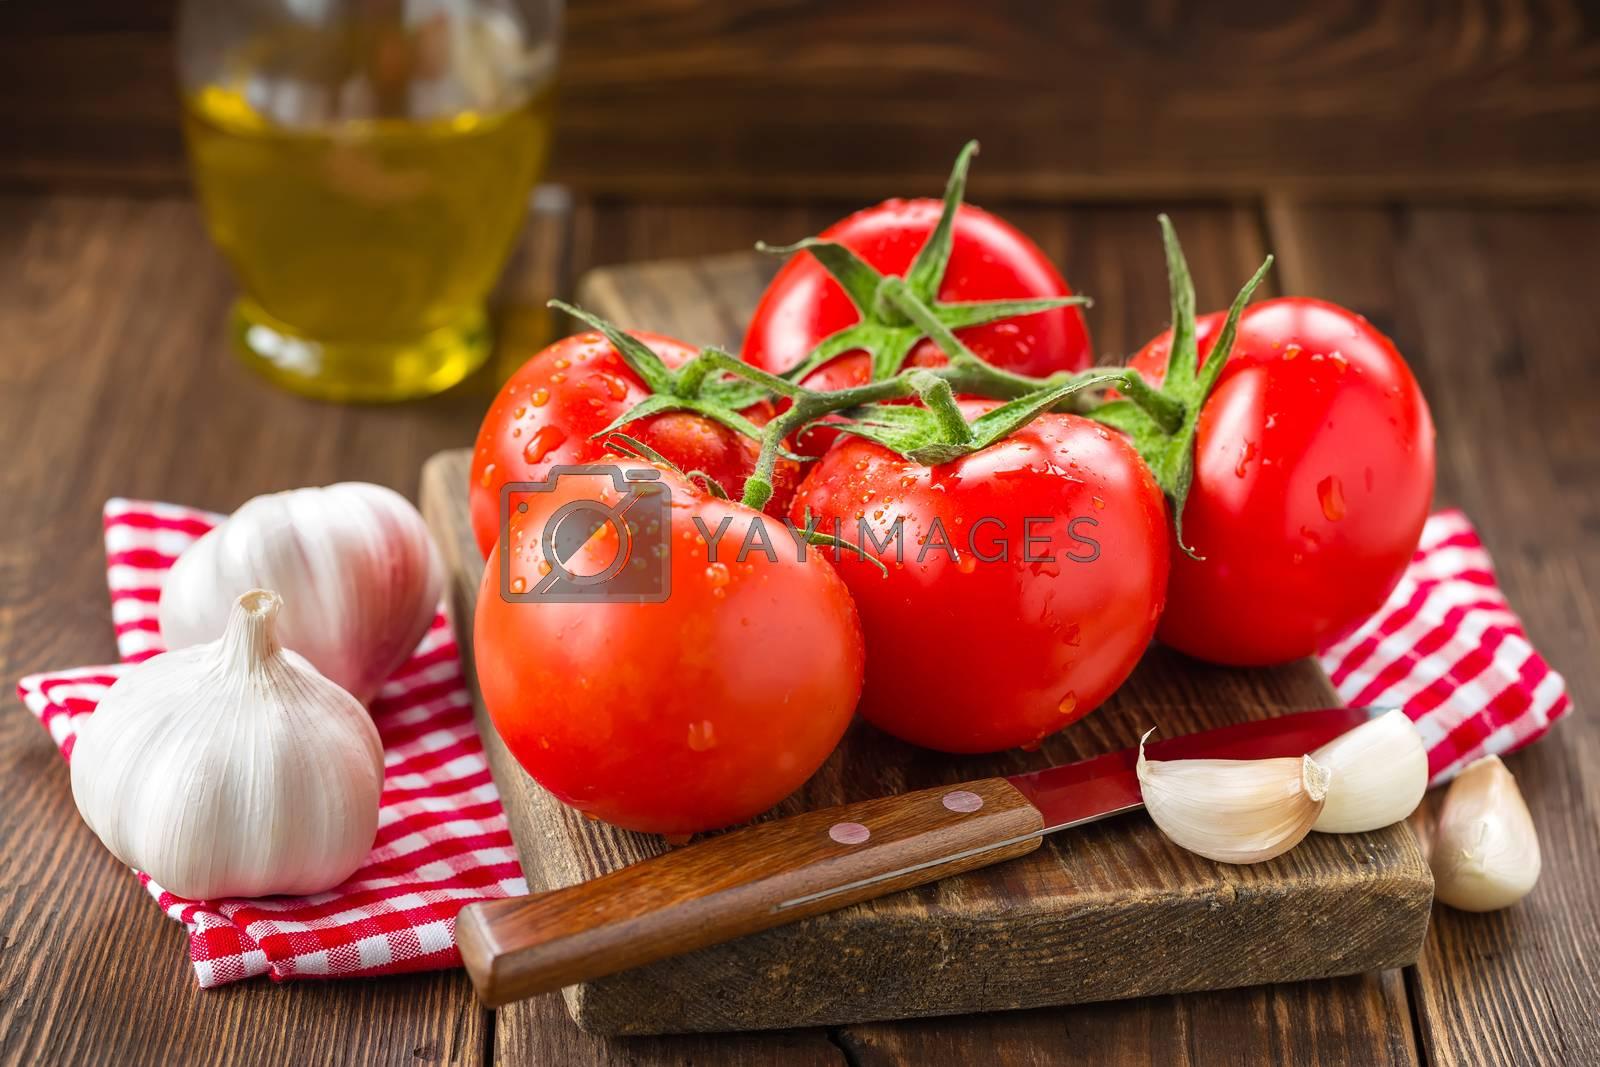 Tomatoes by yelenayemchuk